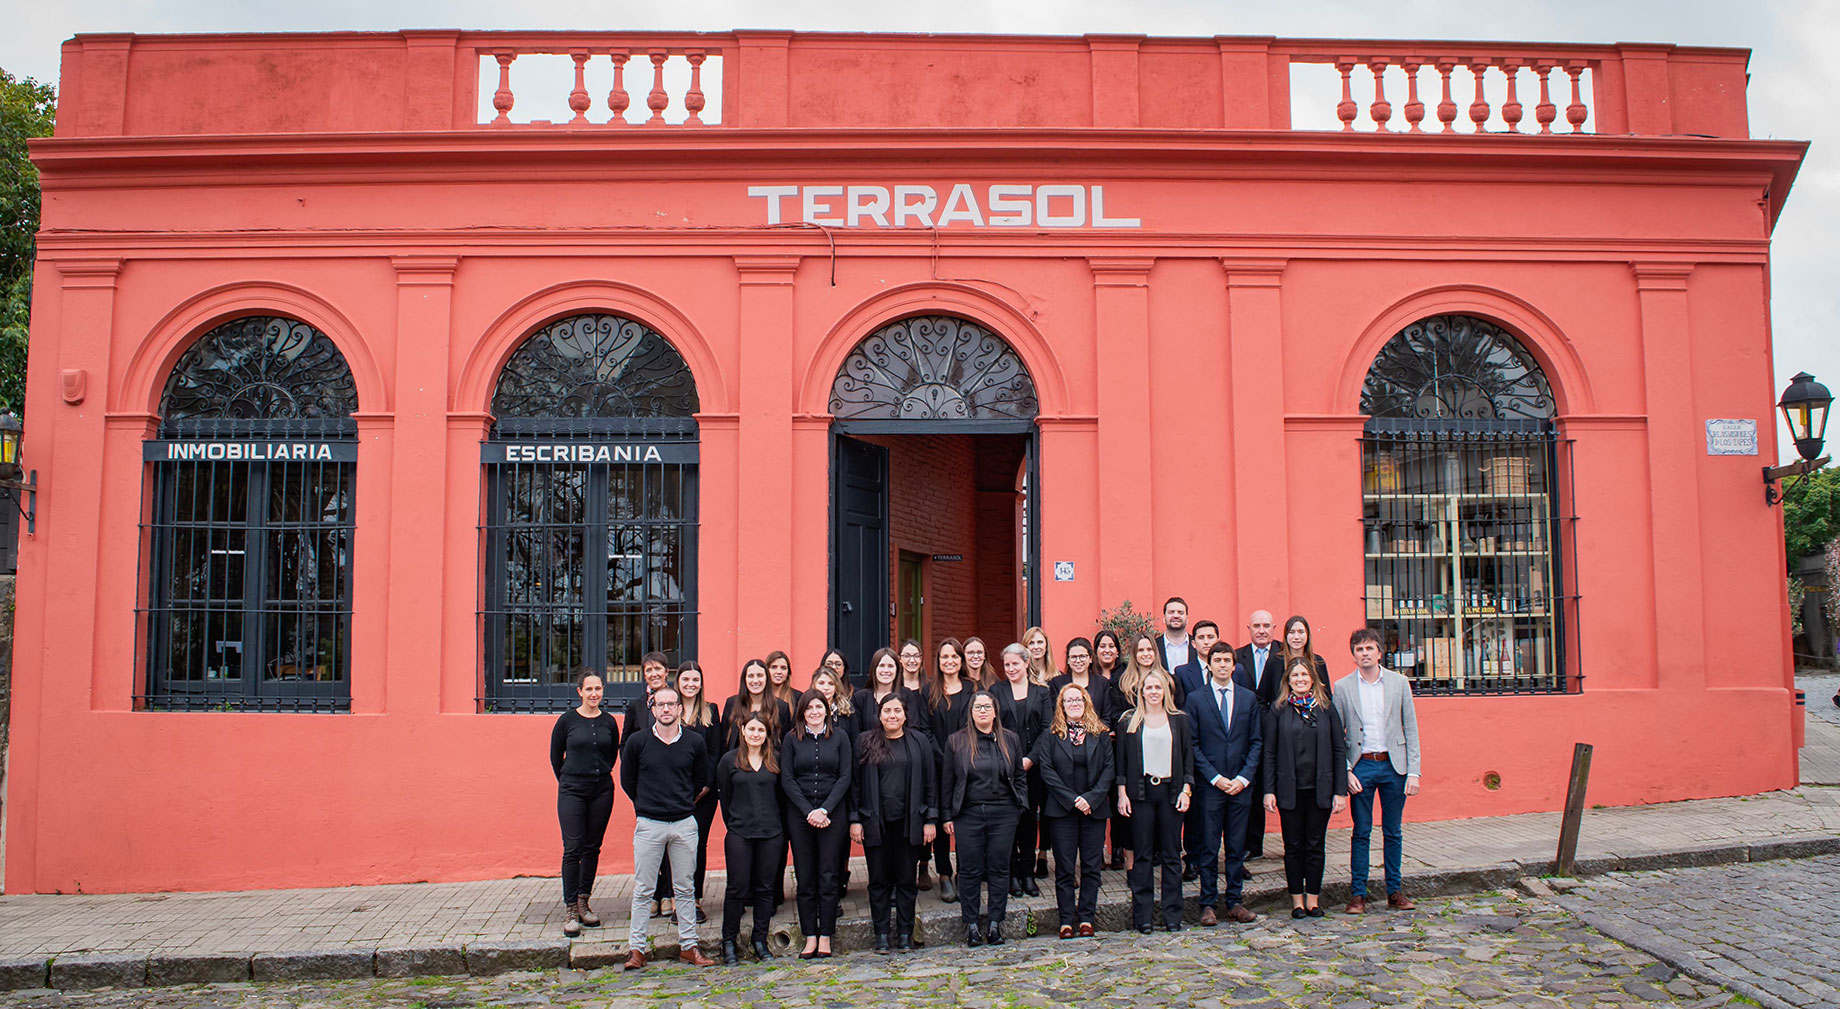 terrasol1